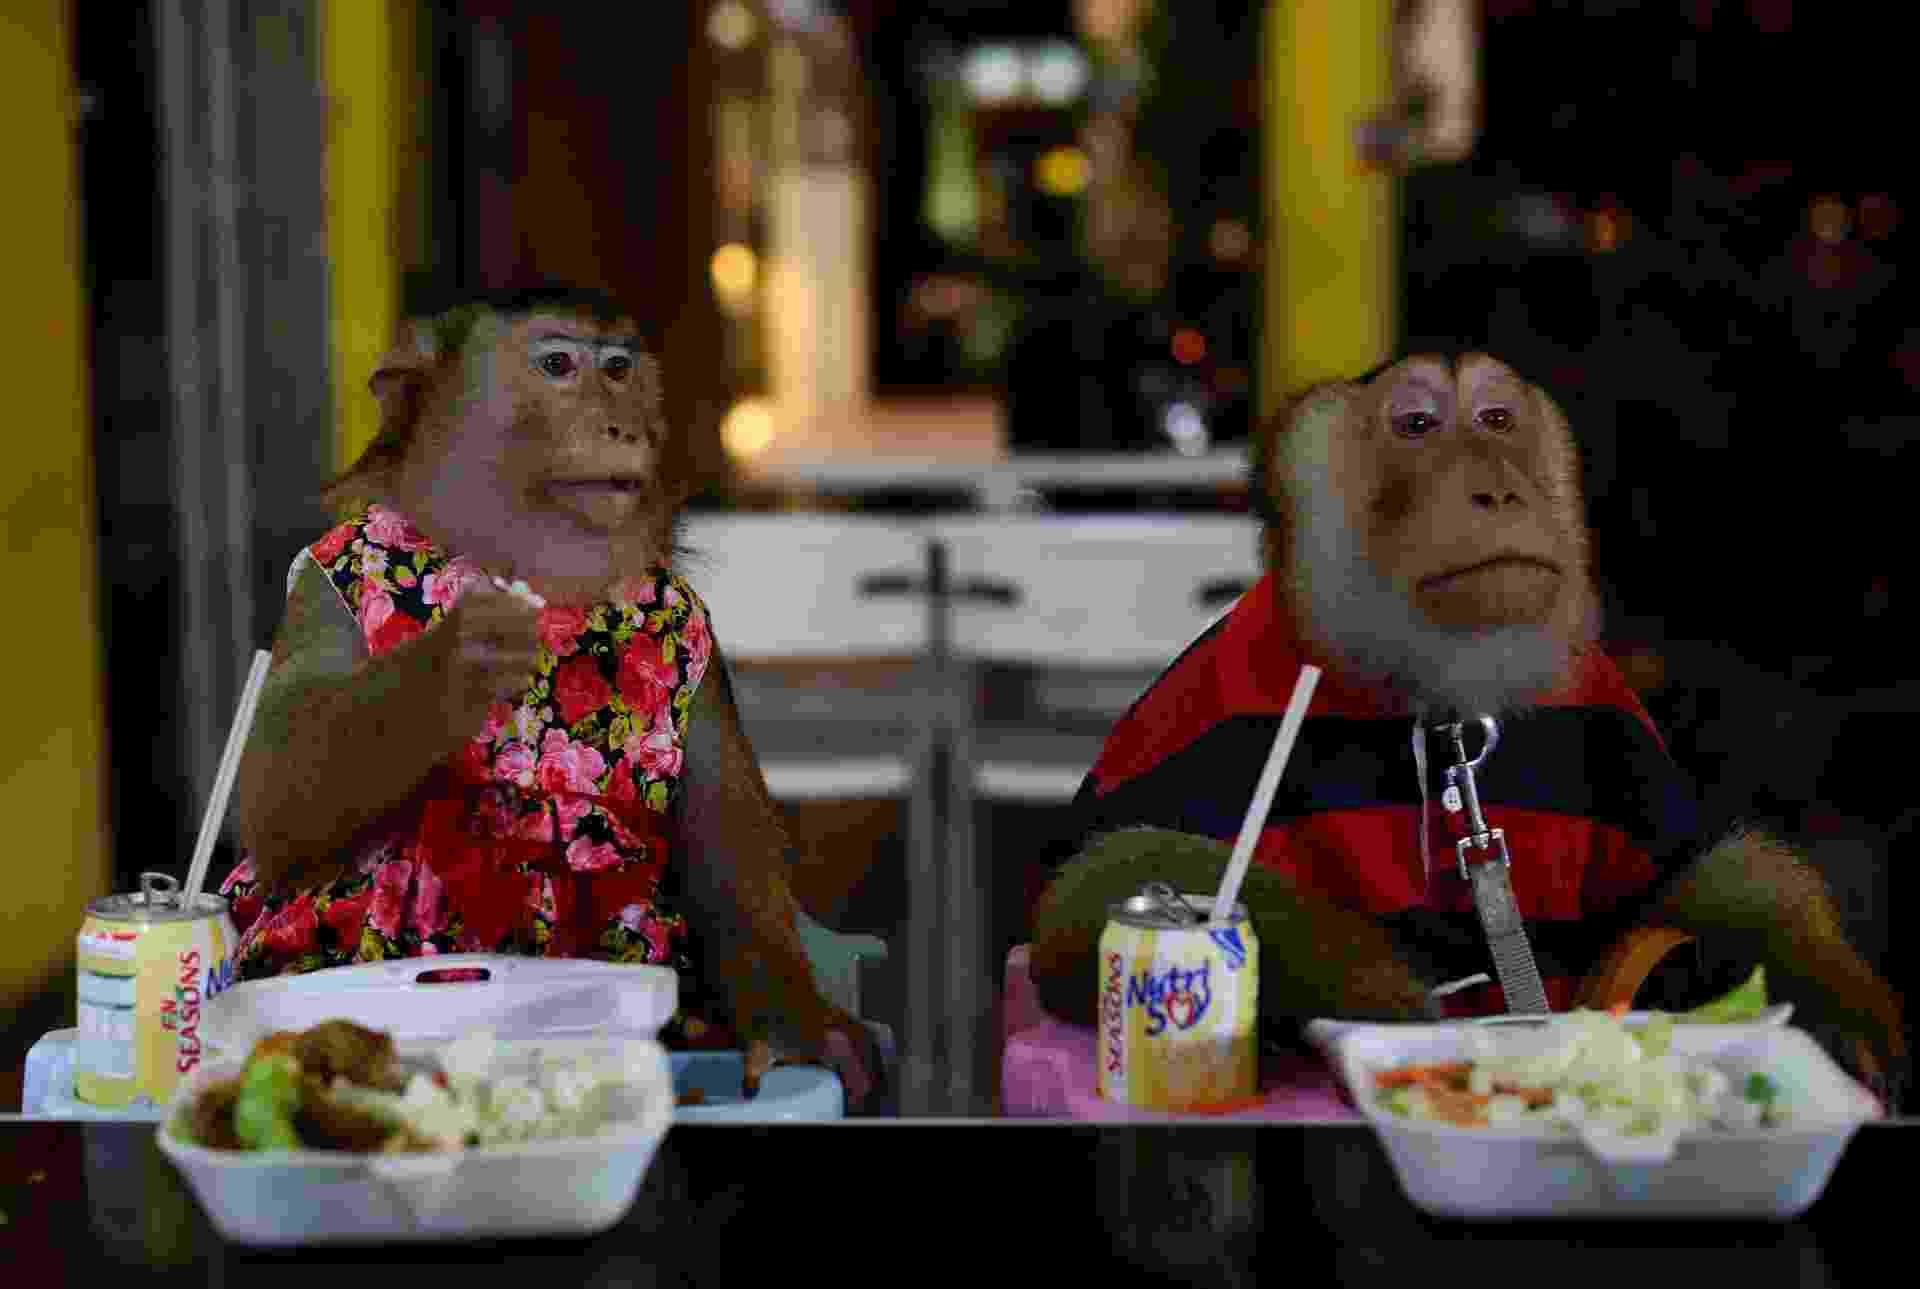 29.abr.2015 - Os macacos JK e Shaki (macho e fêmea, respectivamente), ambos com 9 anos de idade, jantam em um restaurante em Kuala Lumpur, na Malásia. Eles pertencem a Jamil Ismail, 45, e costumam andar de motocicleta com o dono e sair para jantar em restaurantes, o que sempre chama a atenção das pessoas. Às vezes, Jamil usa os dois animais para atuar em propagandas e realizar acrobacias em locais públicos. Os macacos fazem exames médicos regularmente e são considerados como sua família, portanto podem circular livremente dentro de sua casa - Mohd Rasfan/AFP